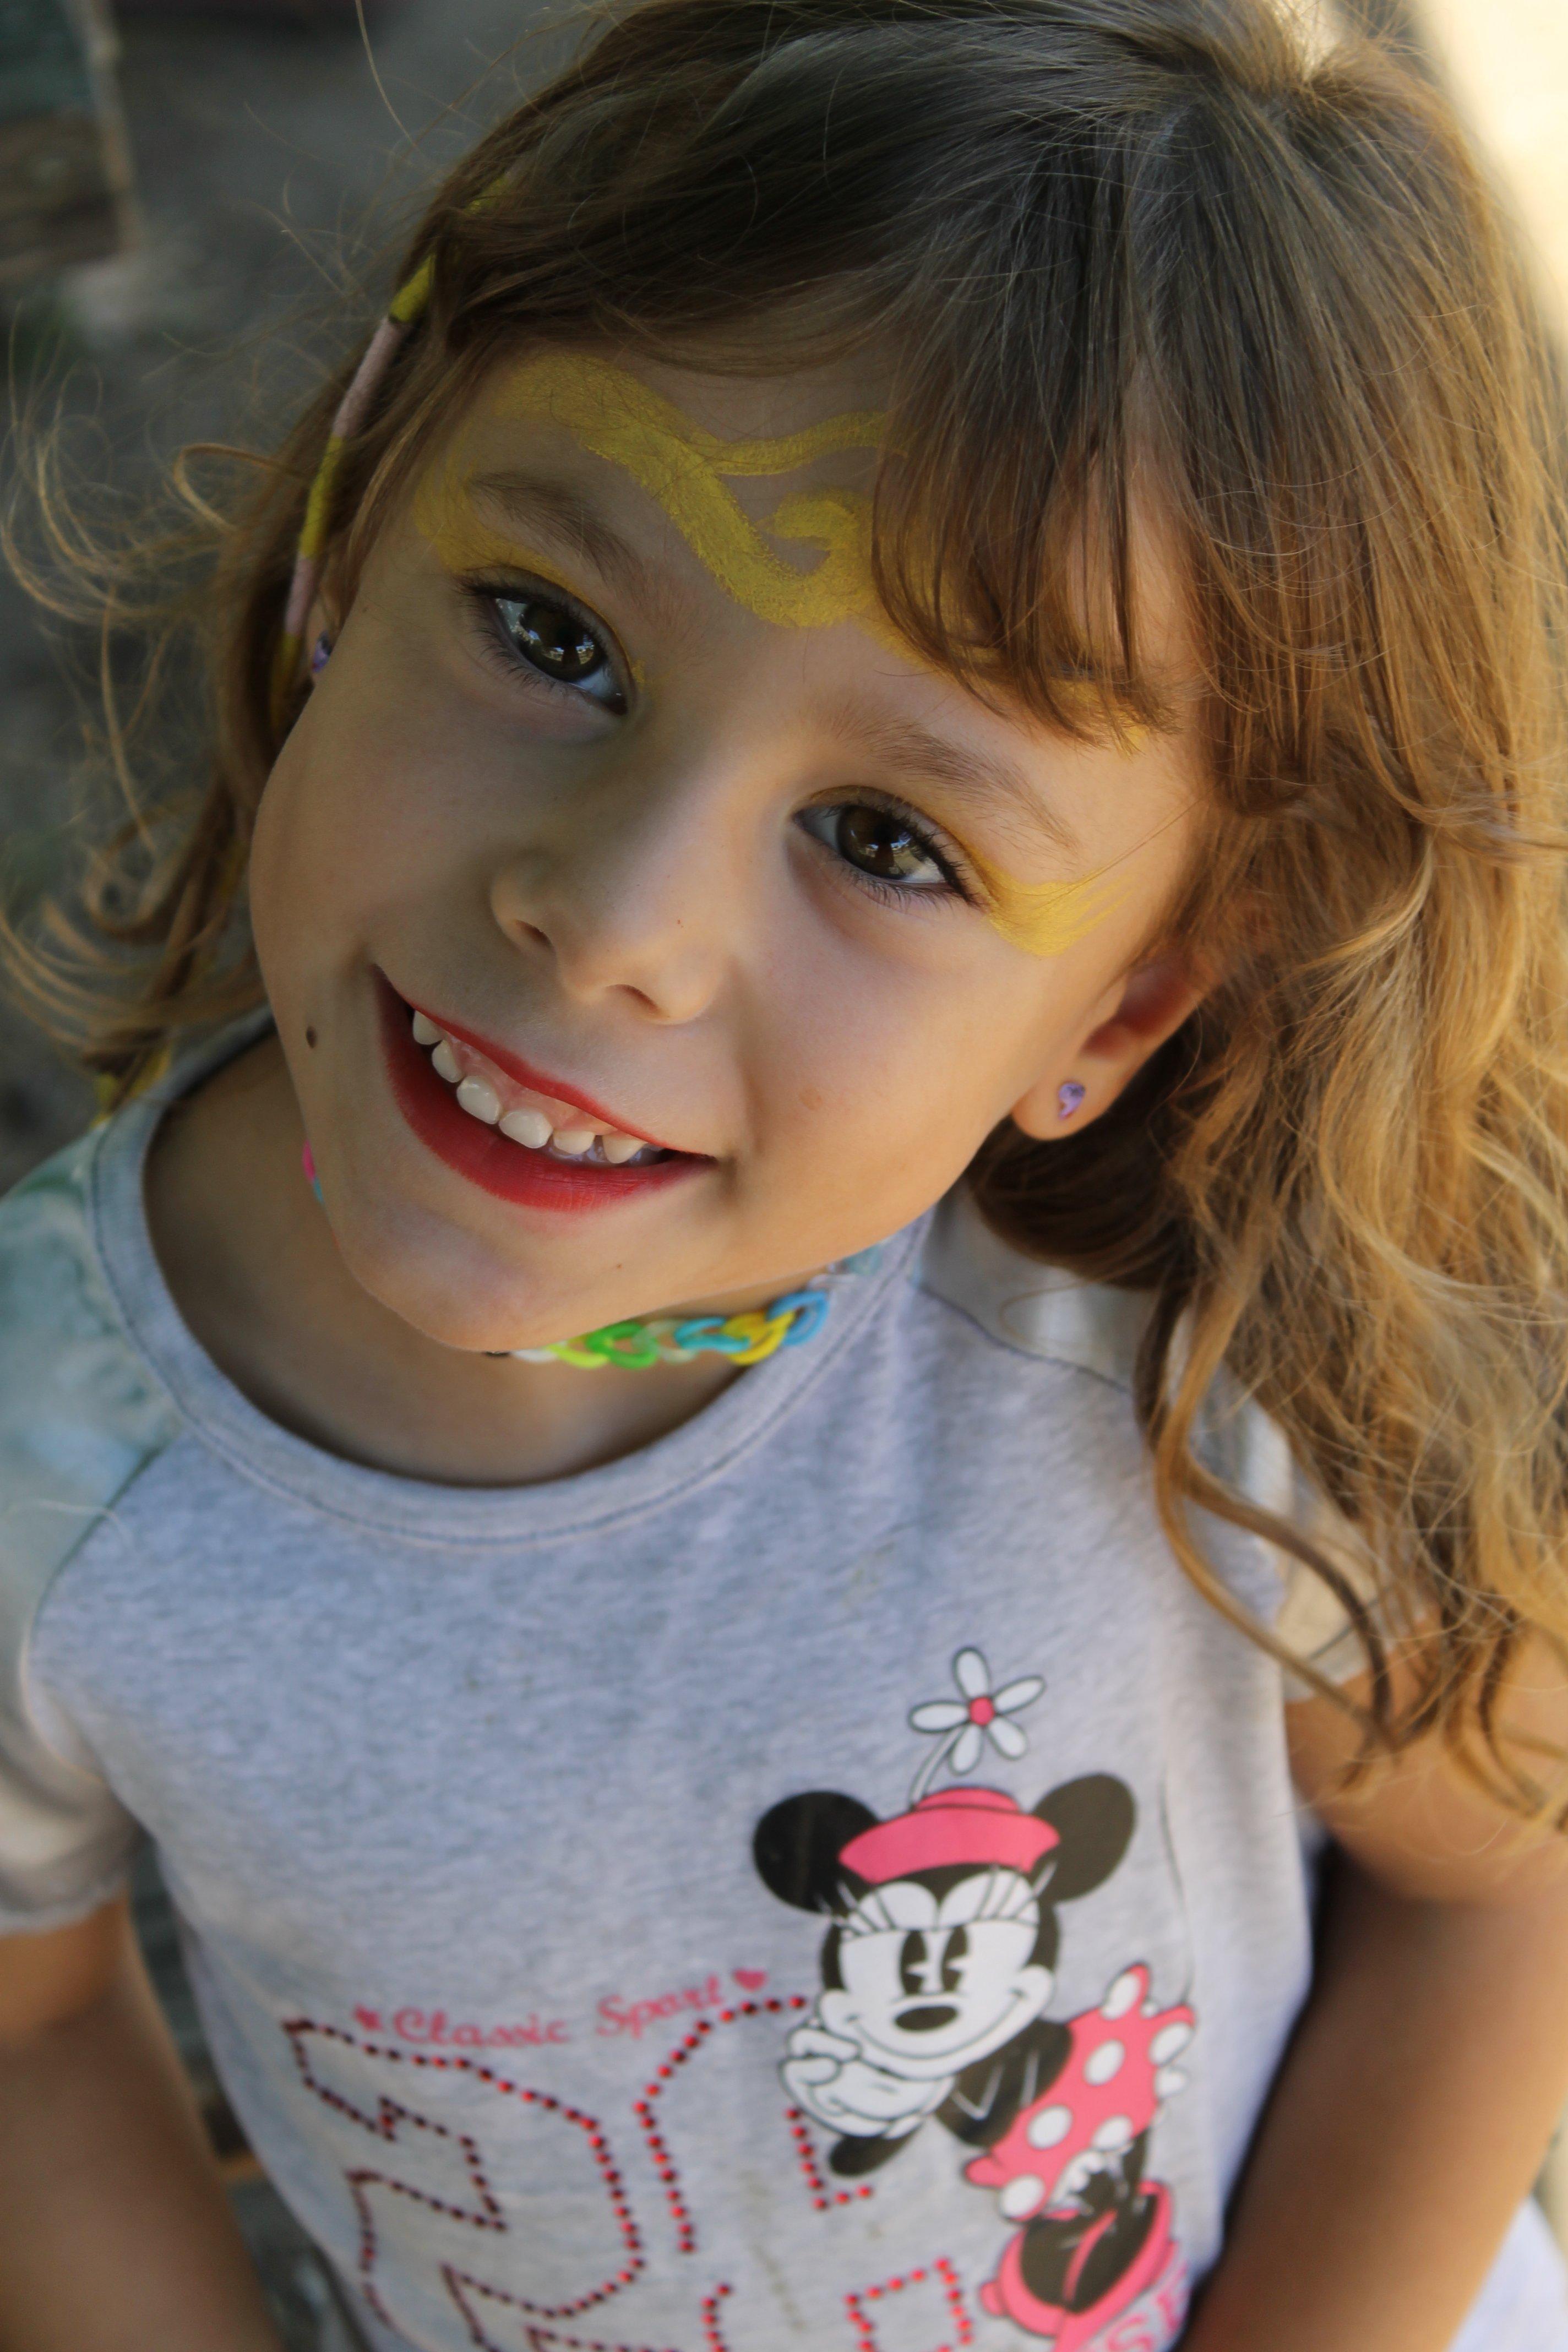 Bambina con viso dipinto